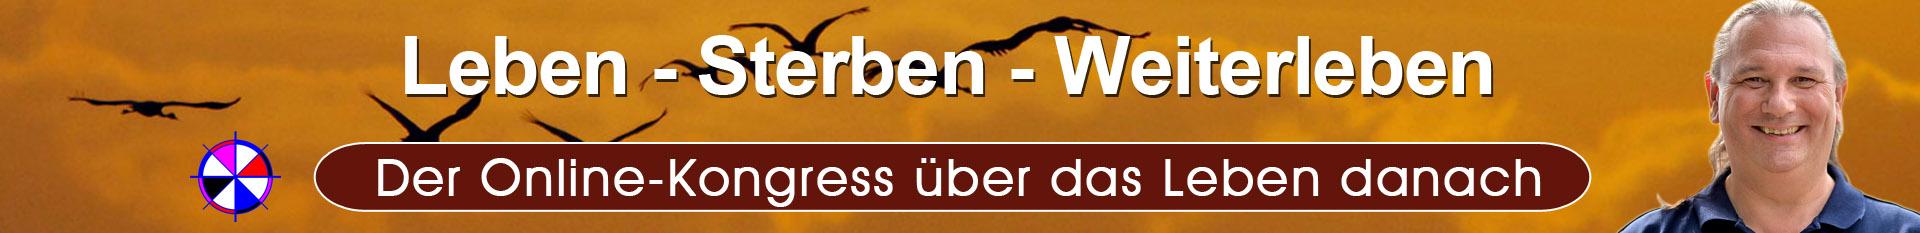 Leben Sterben Weiterleben Online-Kongress Banner